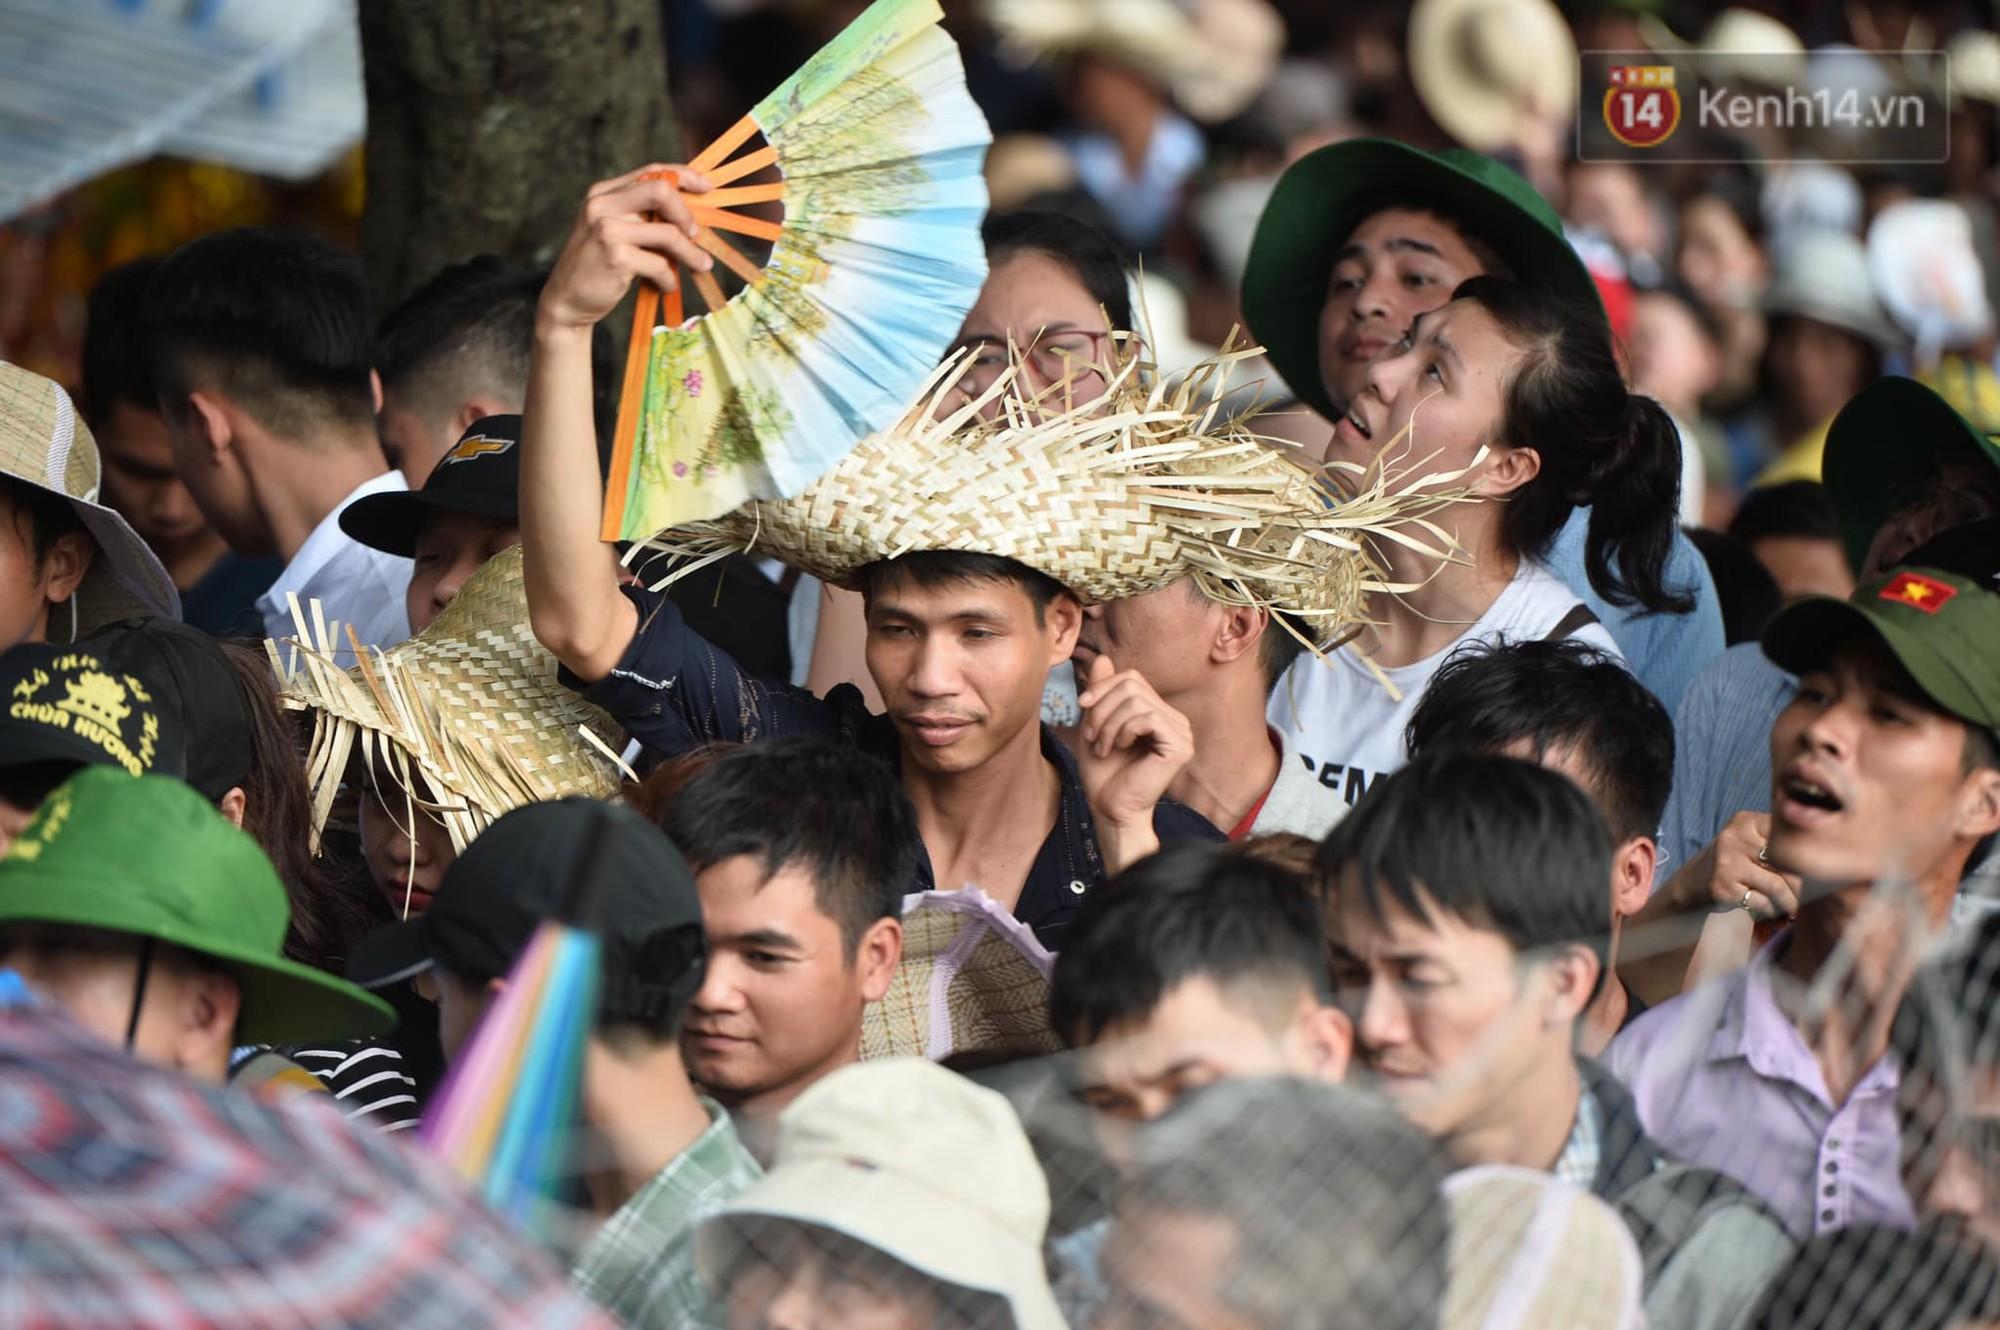 Ảnh: Mệt mỏi vì chen lấn giữa hàng vạn người dù chưa khai hội chùa Hương, nhiều em nhỏ ngủ gục trên vai mẹ-7